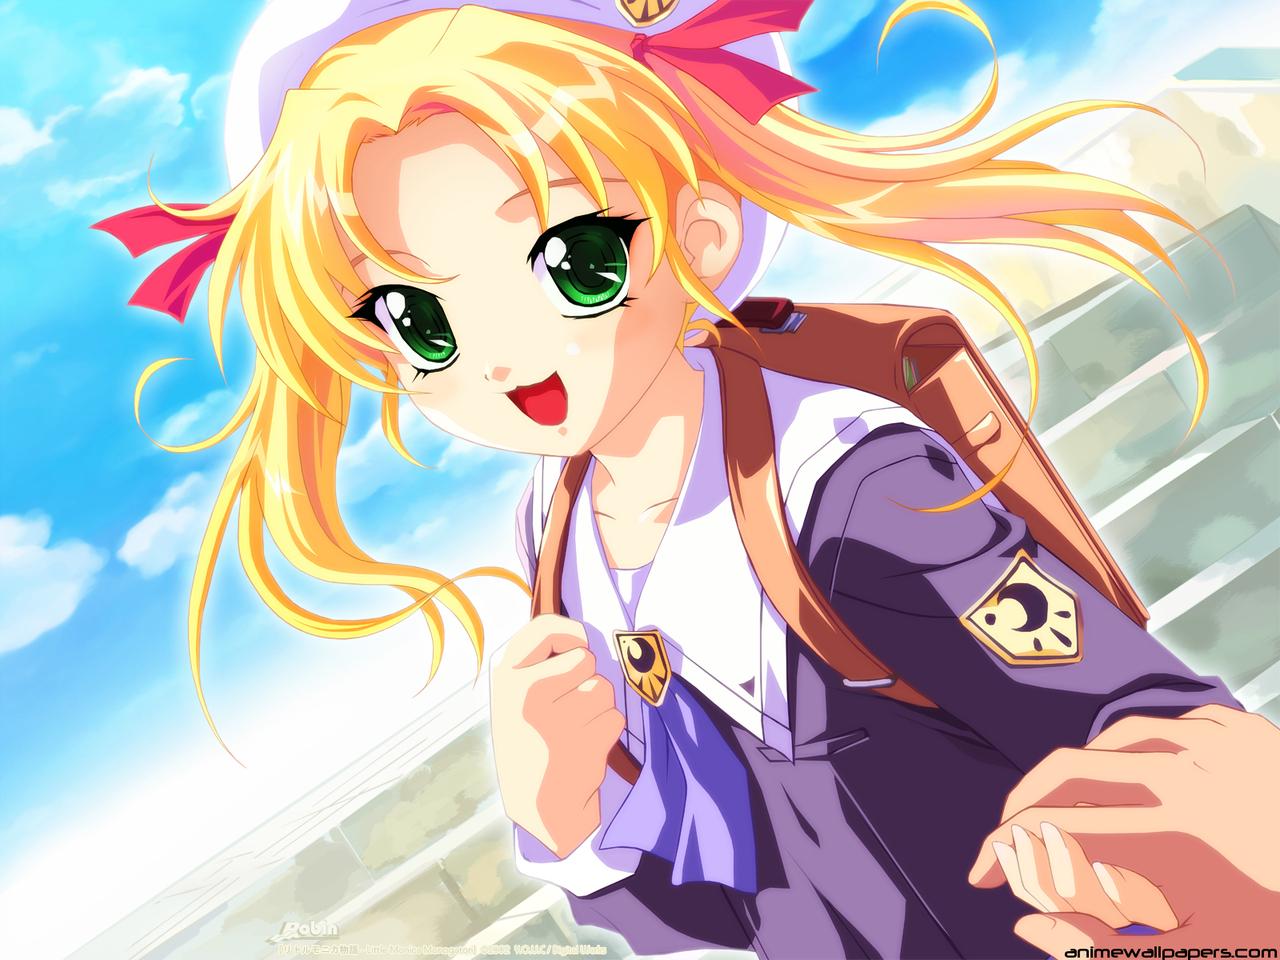 Little Monica Story Anime Wallpaper # 2